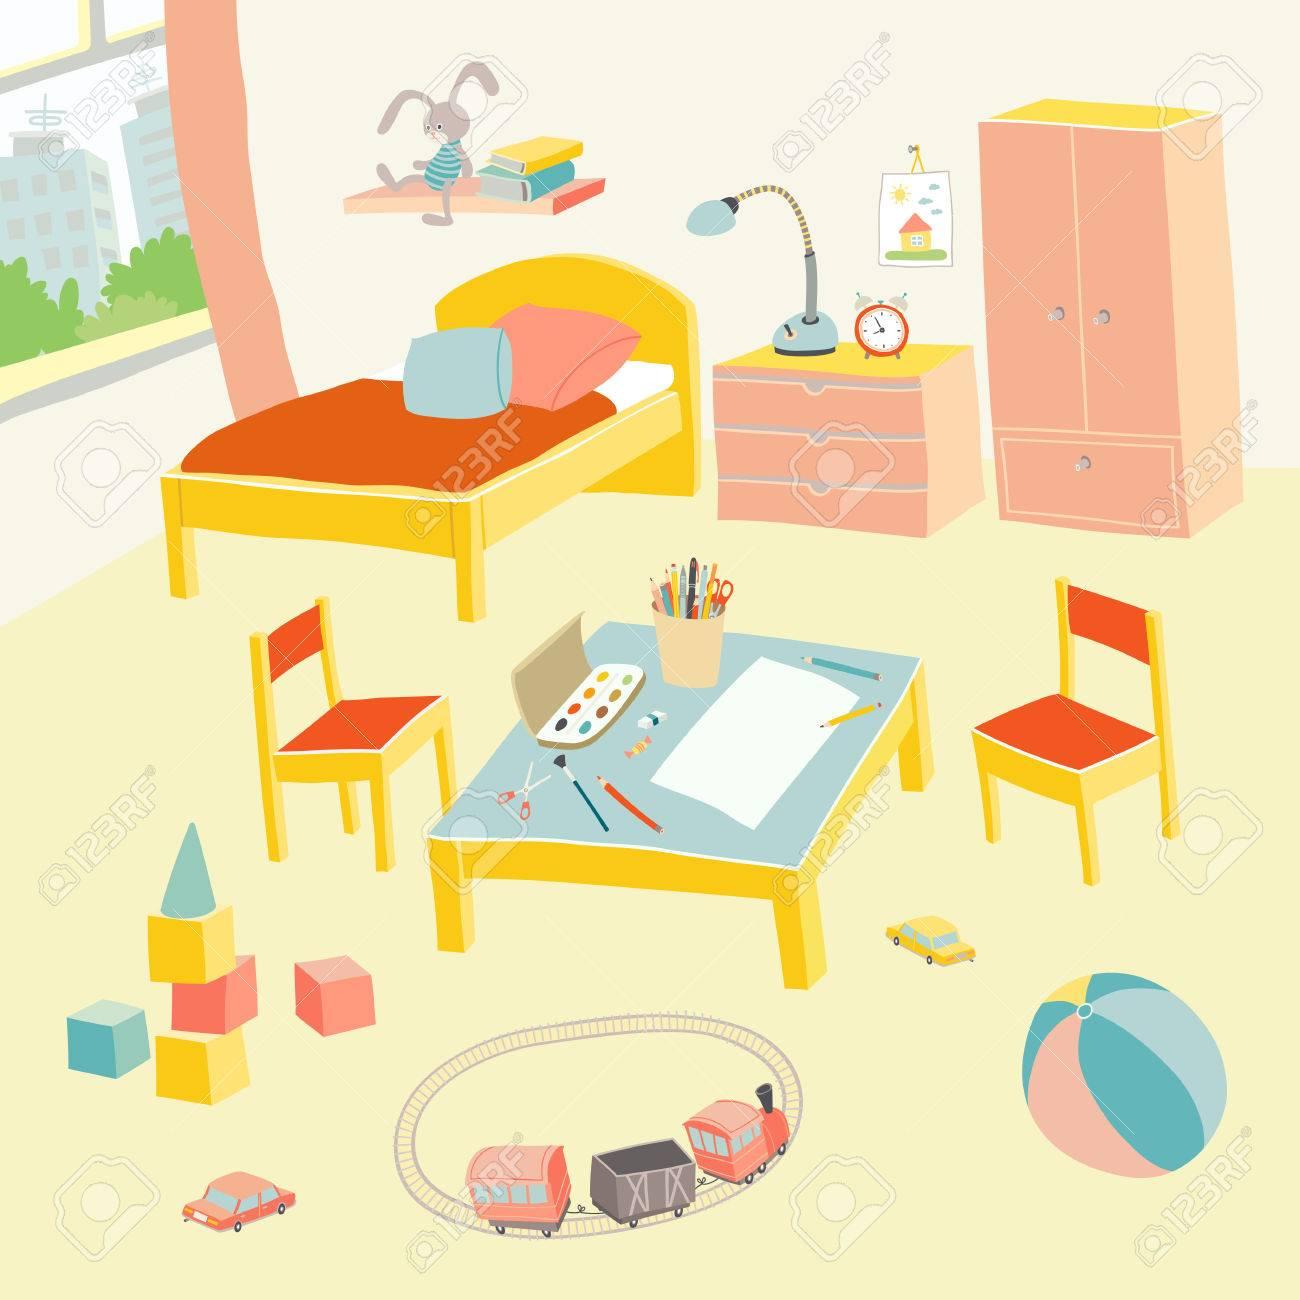 Interieur De La Chambre Des Enfants Avec Des Meubles Et Des Jouets